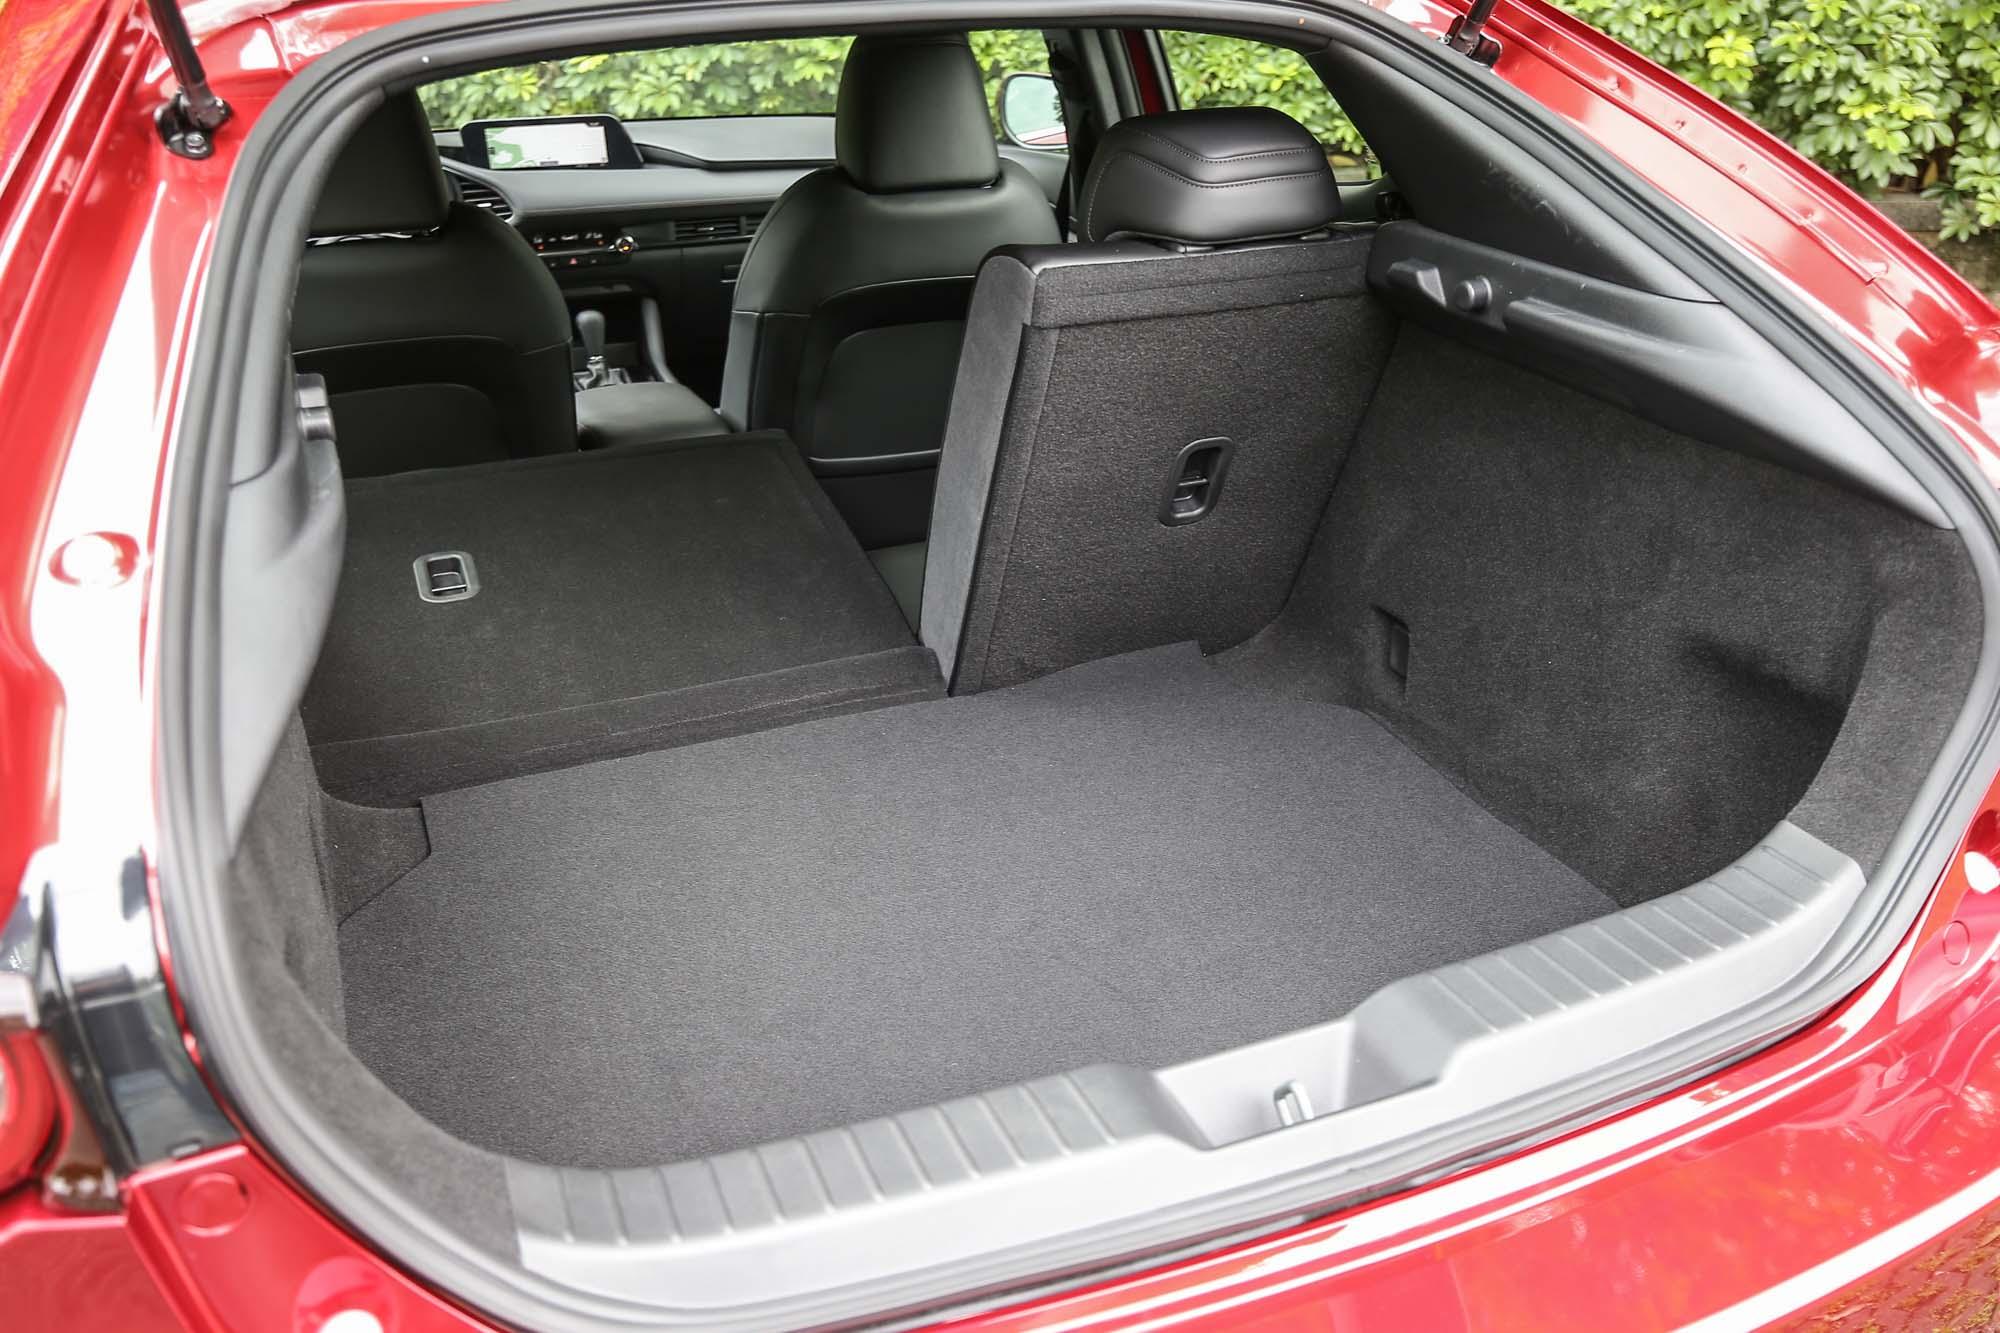 標準乘坐狀態下,後廂容積為 327 公升。